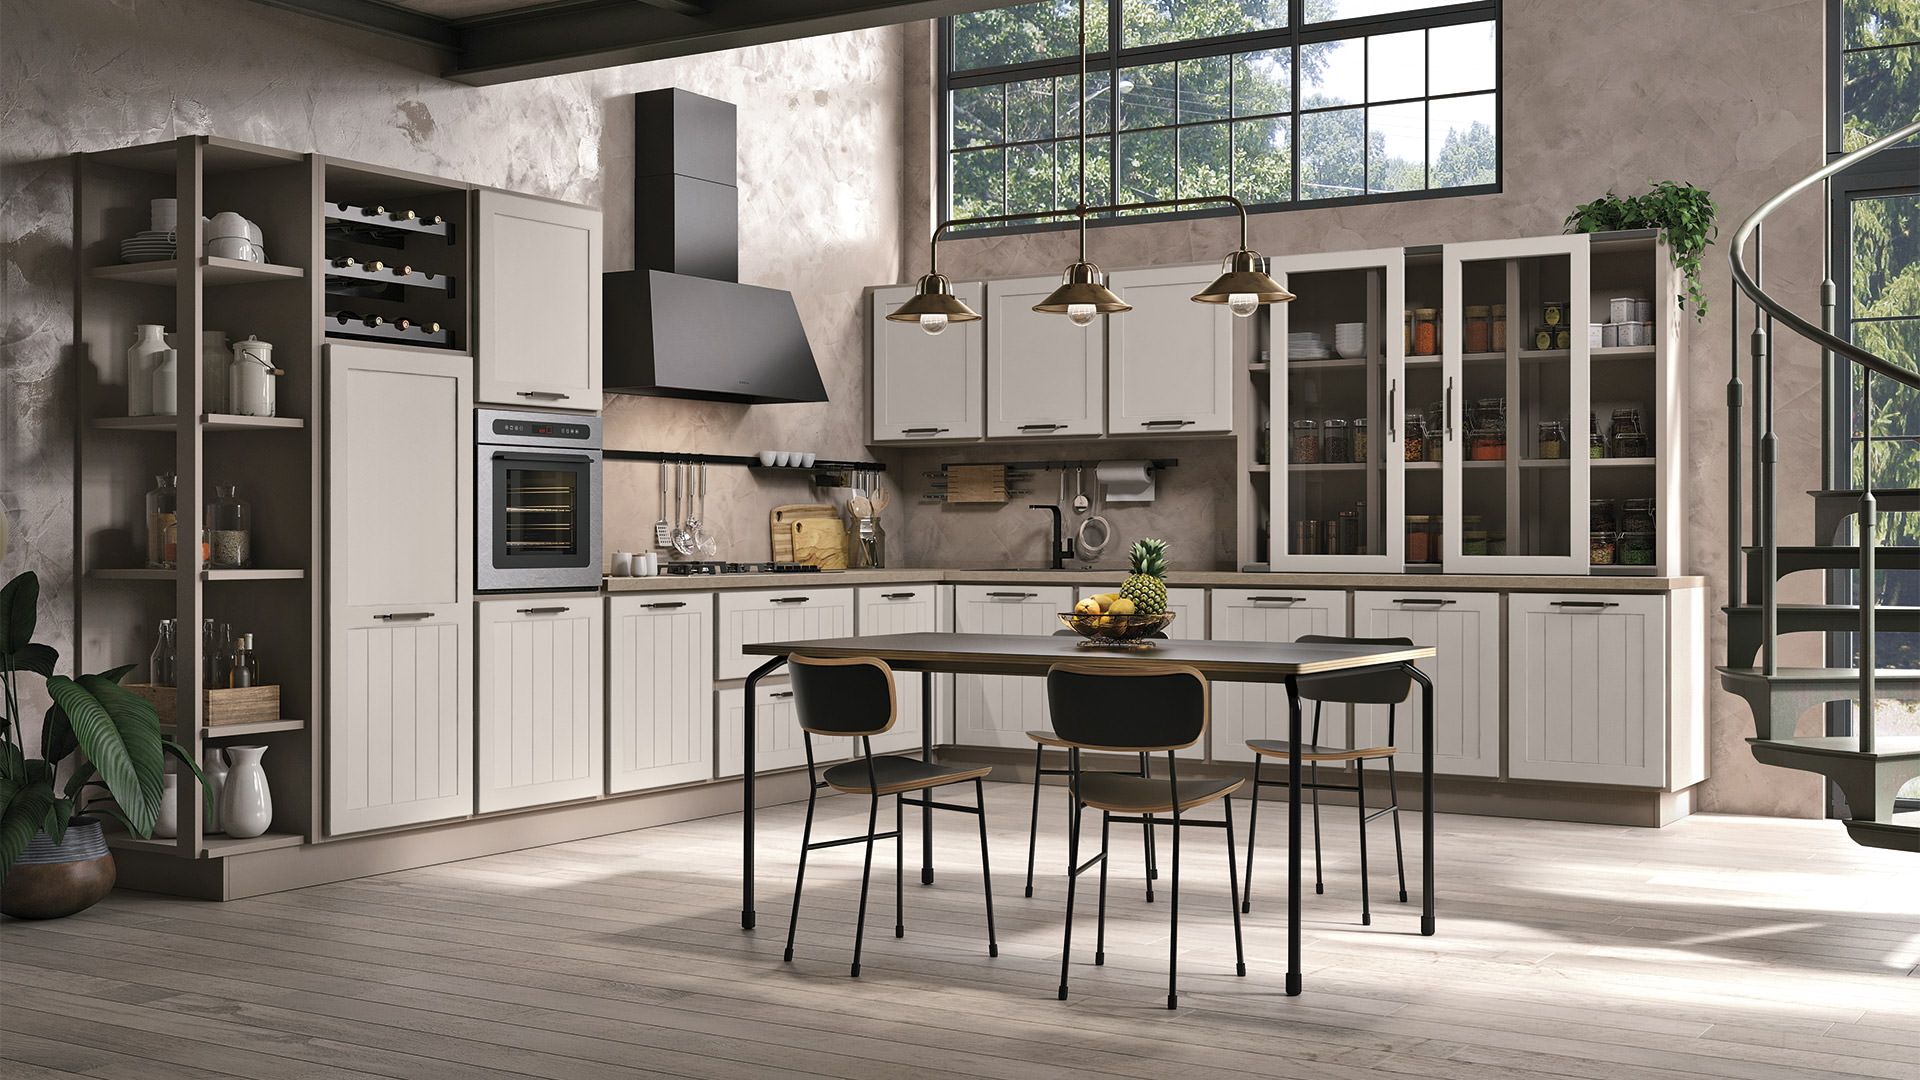 Cucina lube contemporanea provenza 7 rafaschieri arredamenti for Arredamenti lube